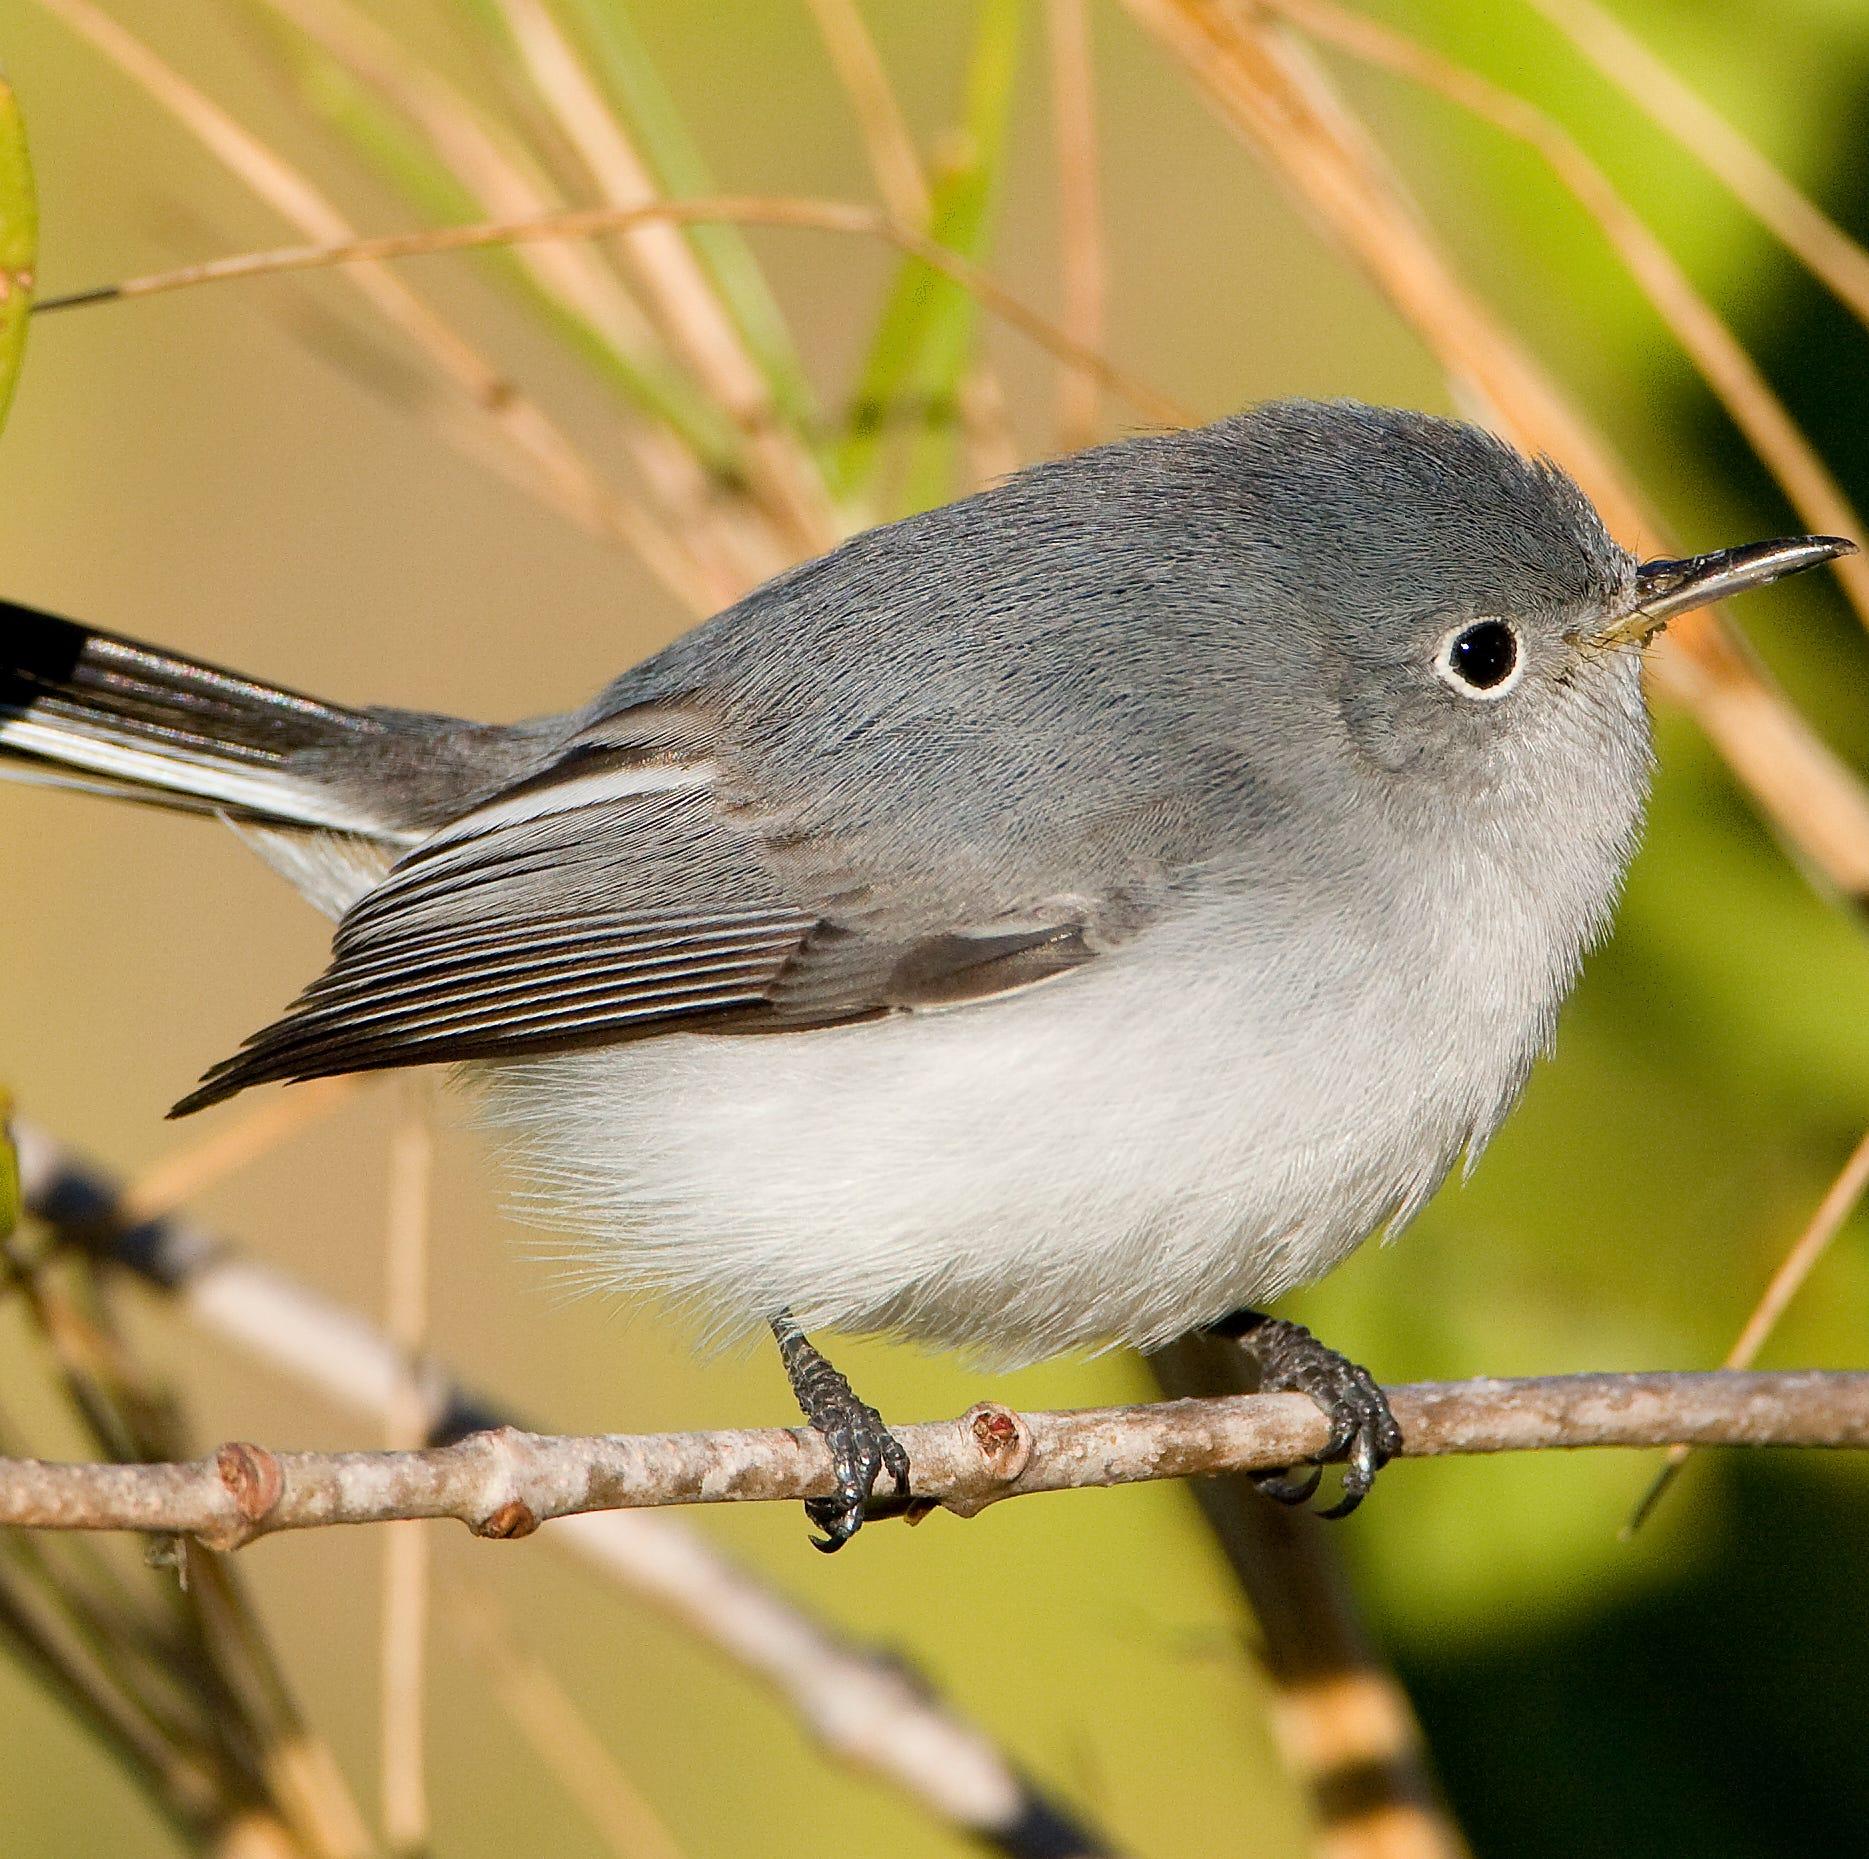 Bird words: California's chaparral brushlands home to dozens of bird species